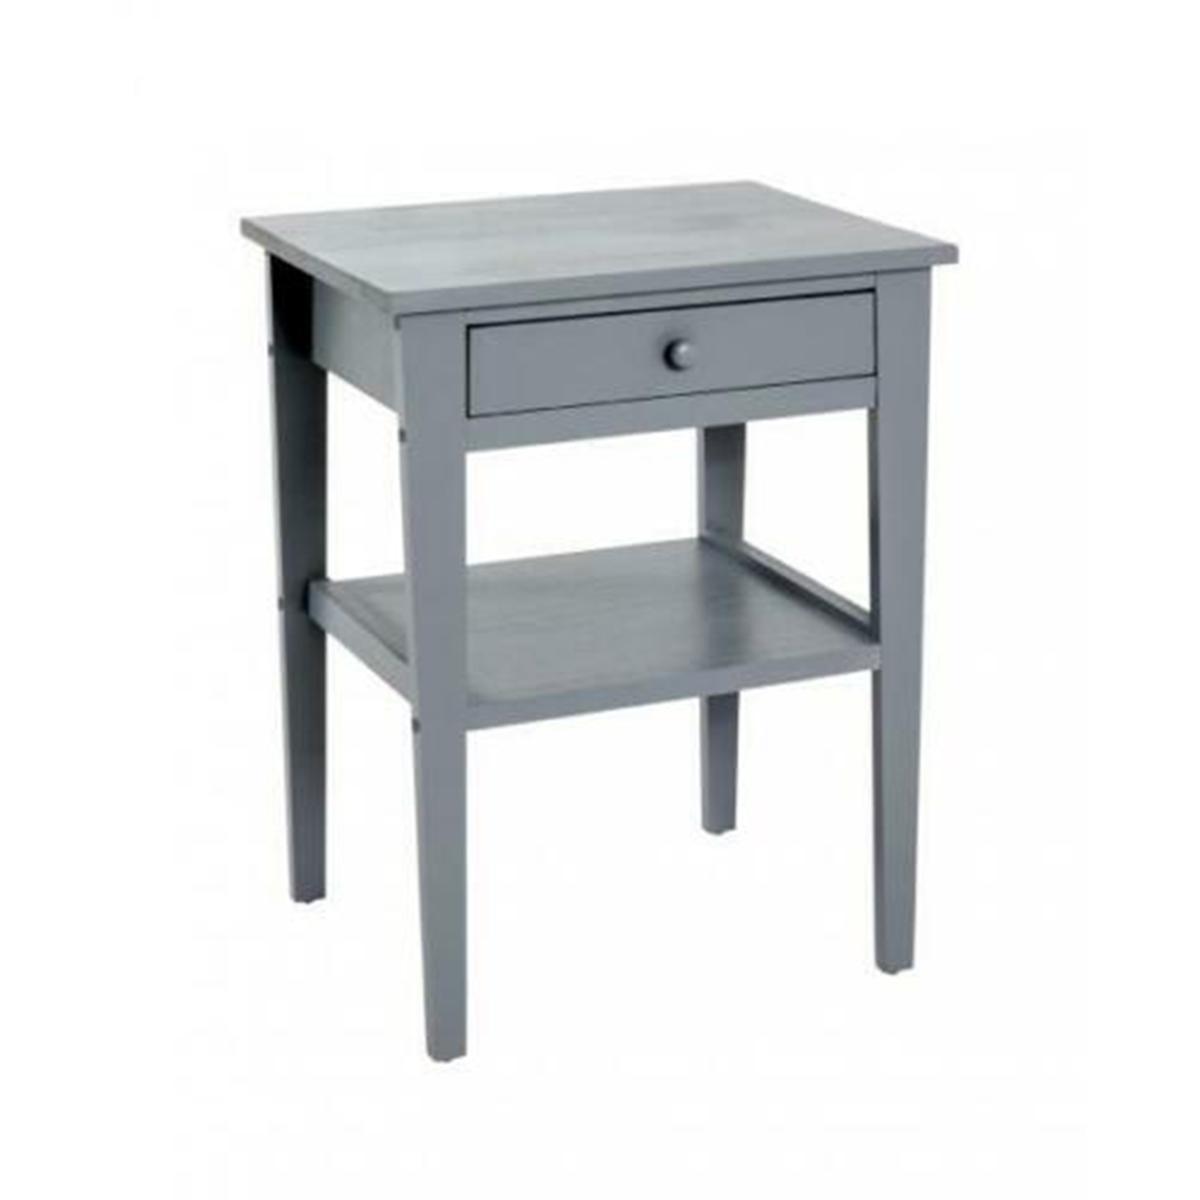 Pegane Commode coloris gris en bois - L 46 x P 35 x H 60 cm